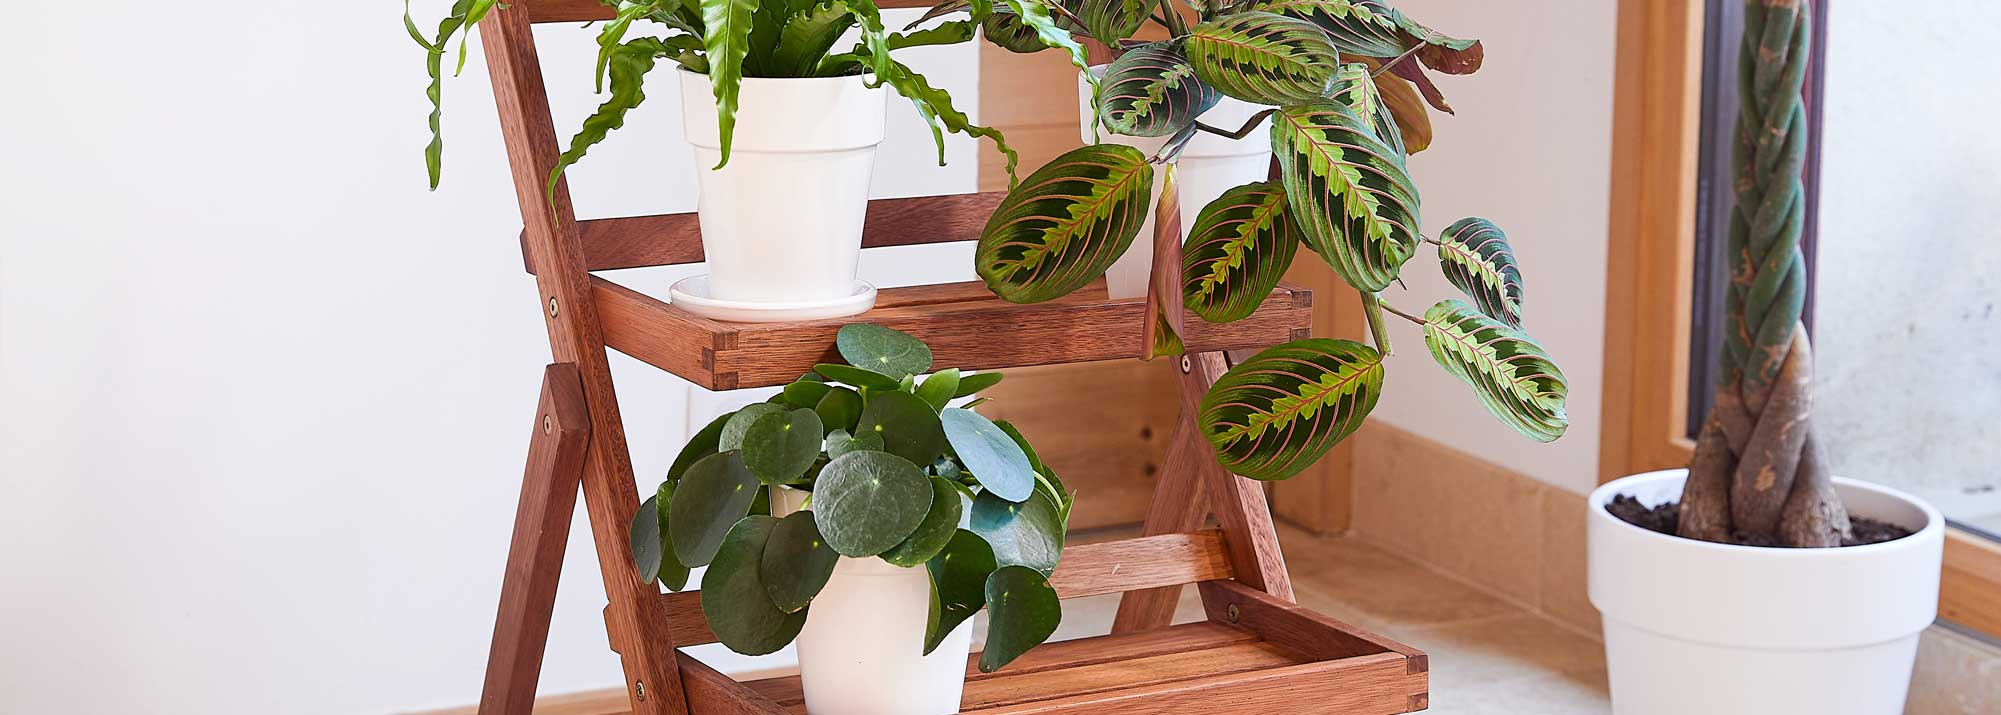 Plantes d'intérieur facile à entretenir